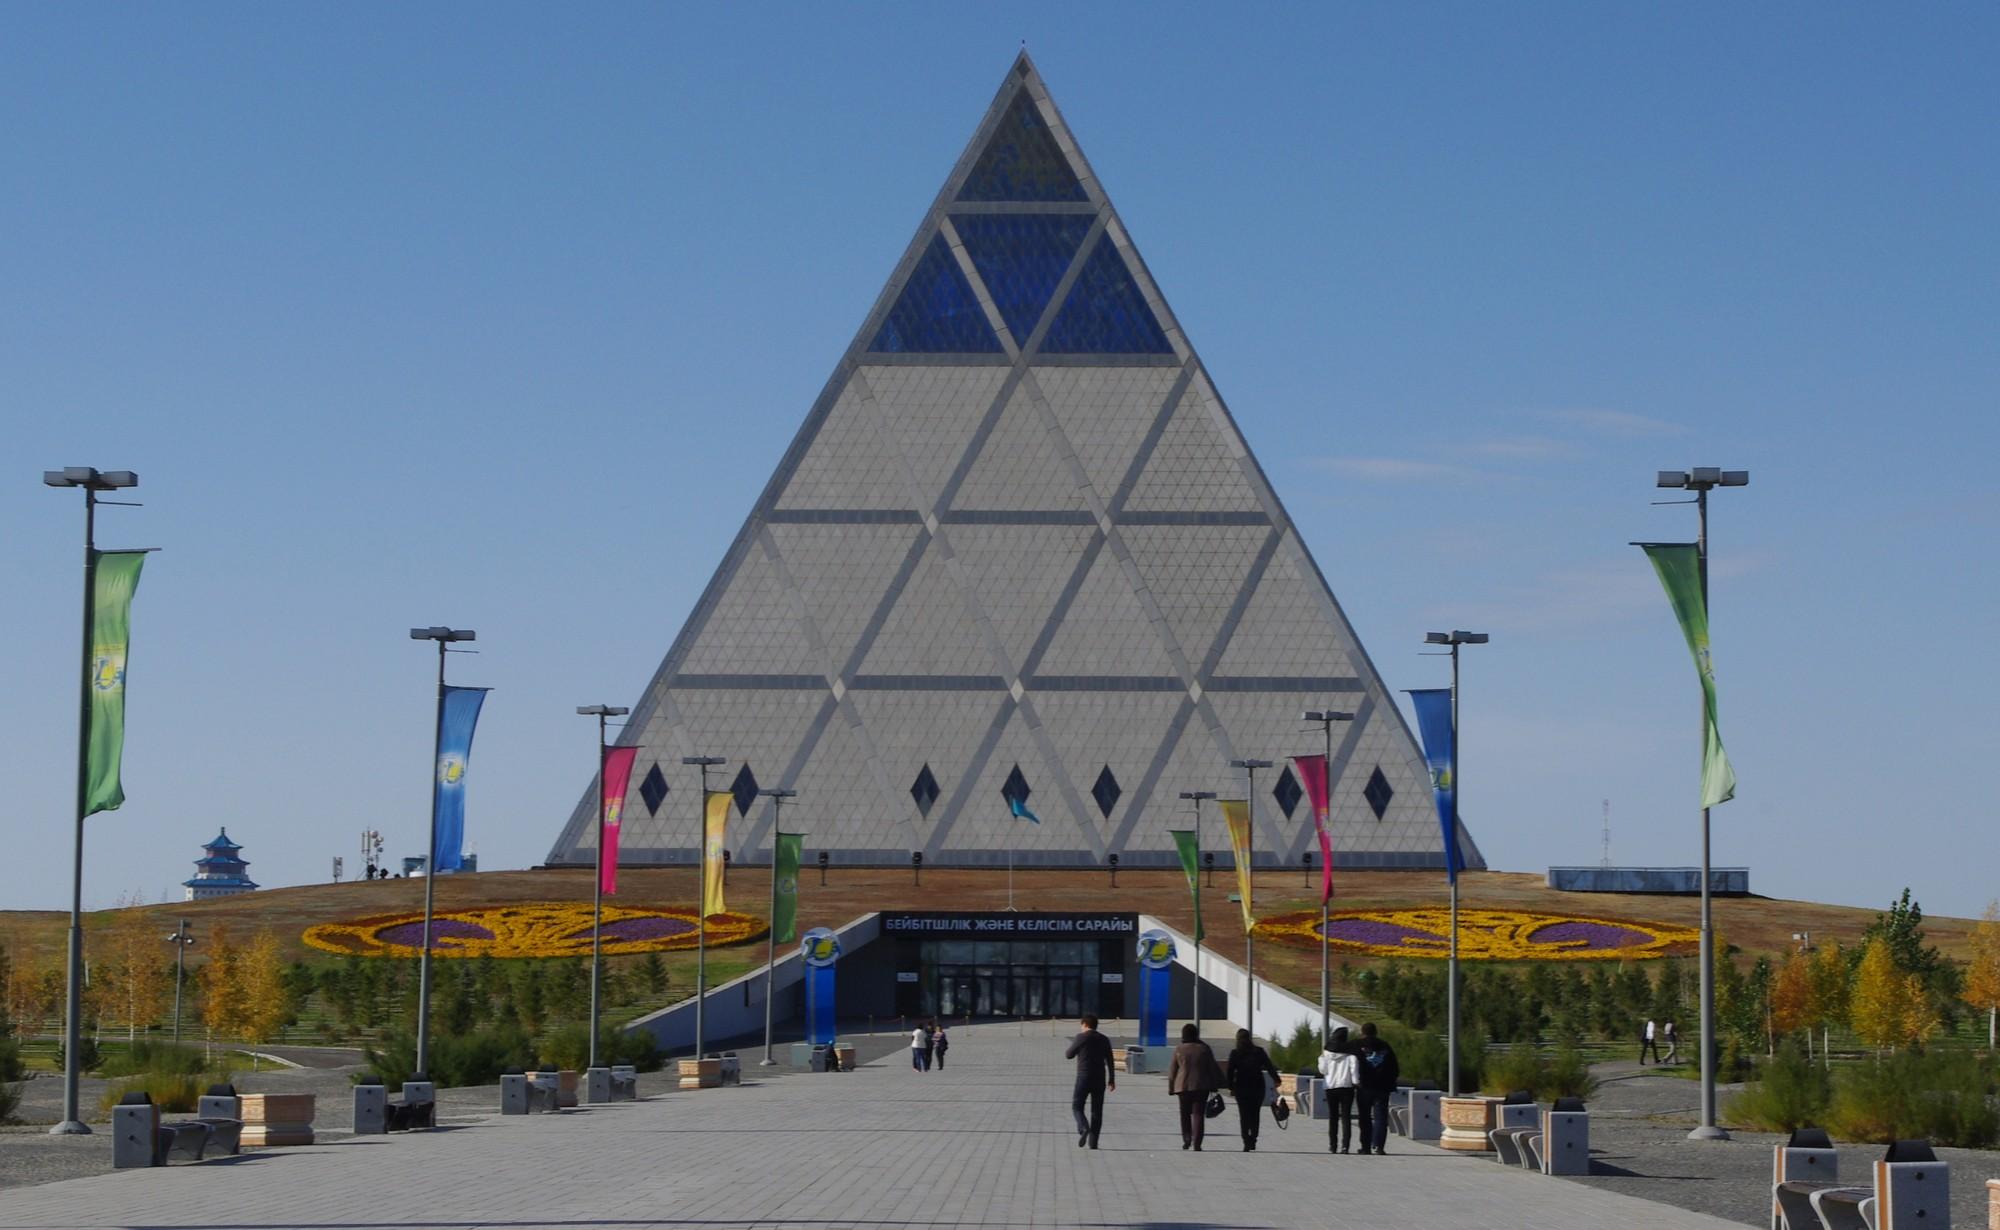 El Palacio de la Paz y la Reconciliación de Norman Foster. Imagen © Flicker user ninara